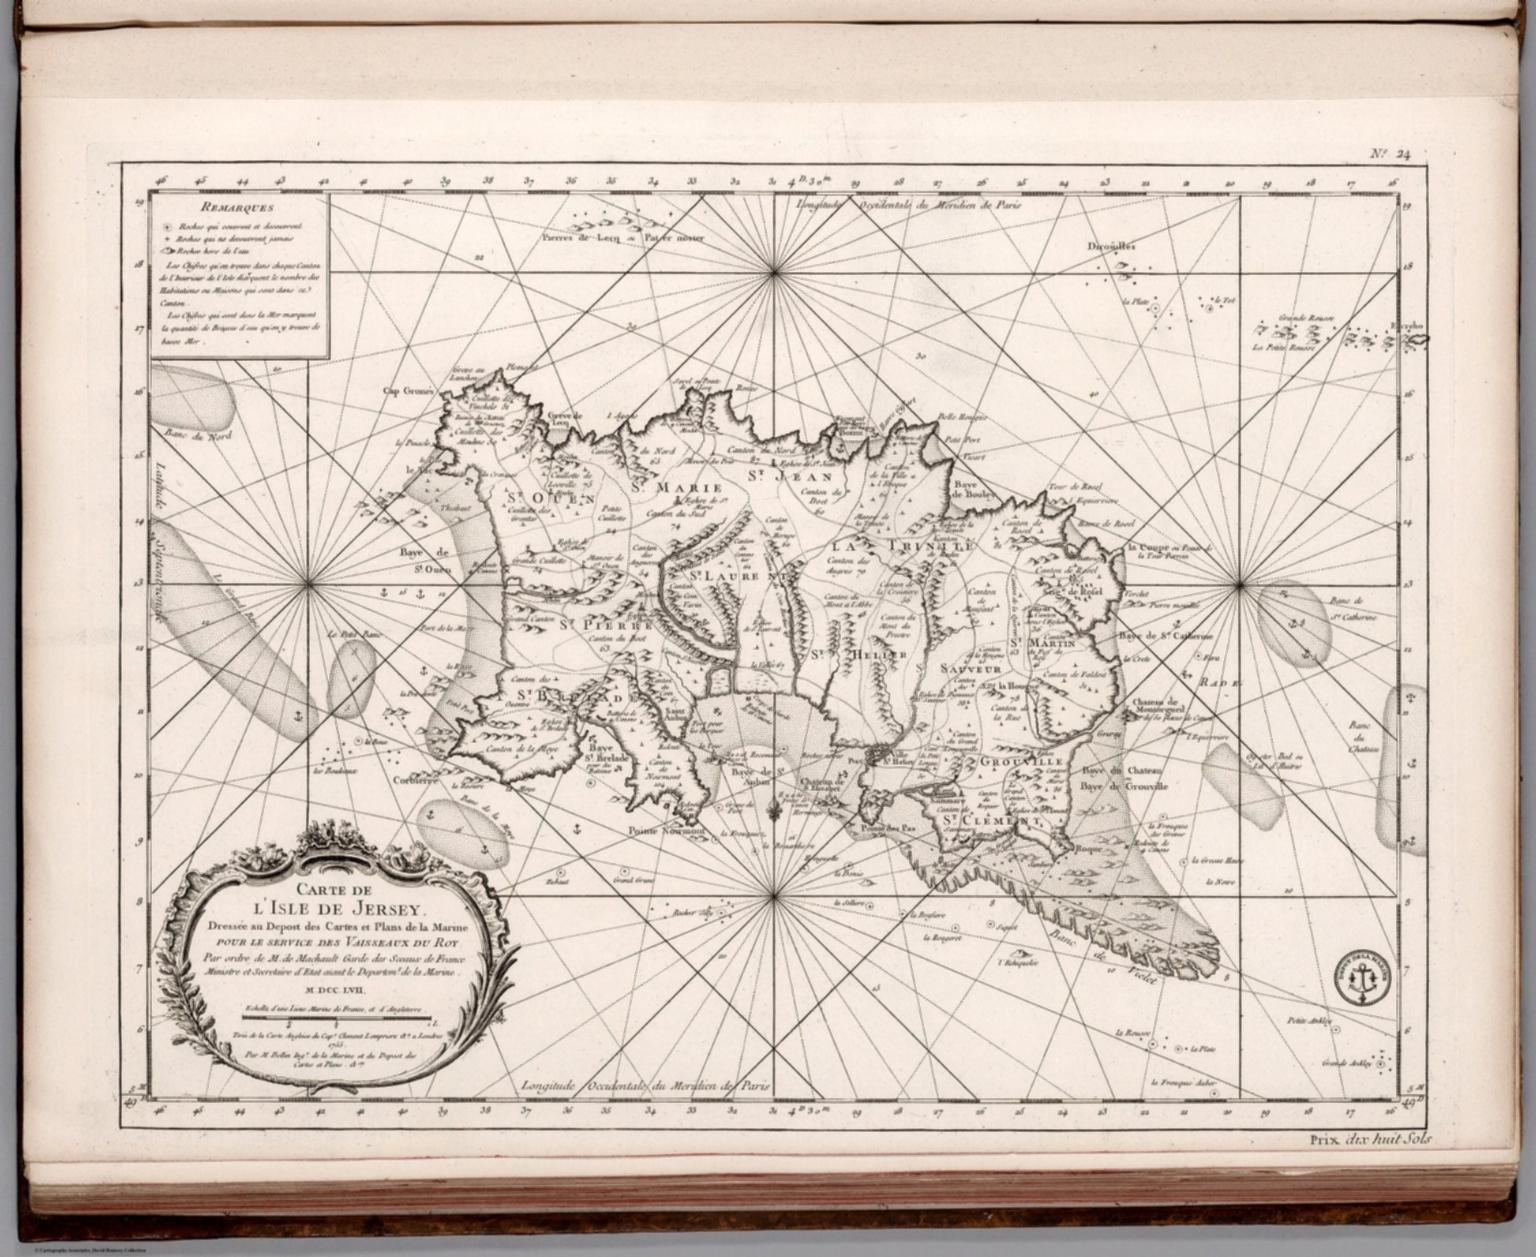 Carte de l'Isle de Jersey.